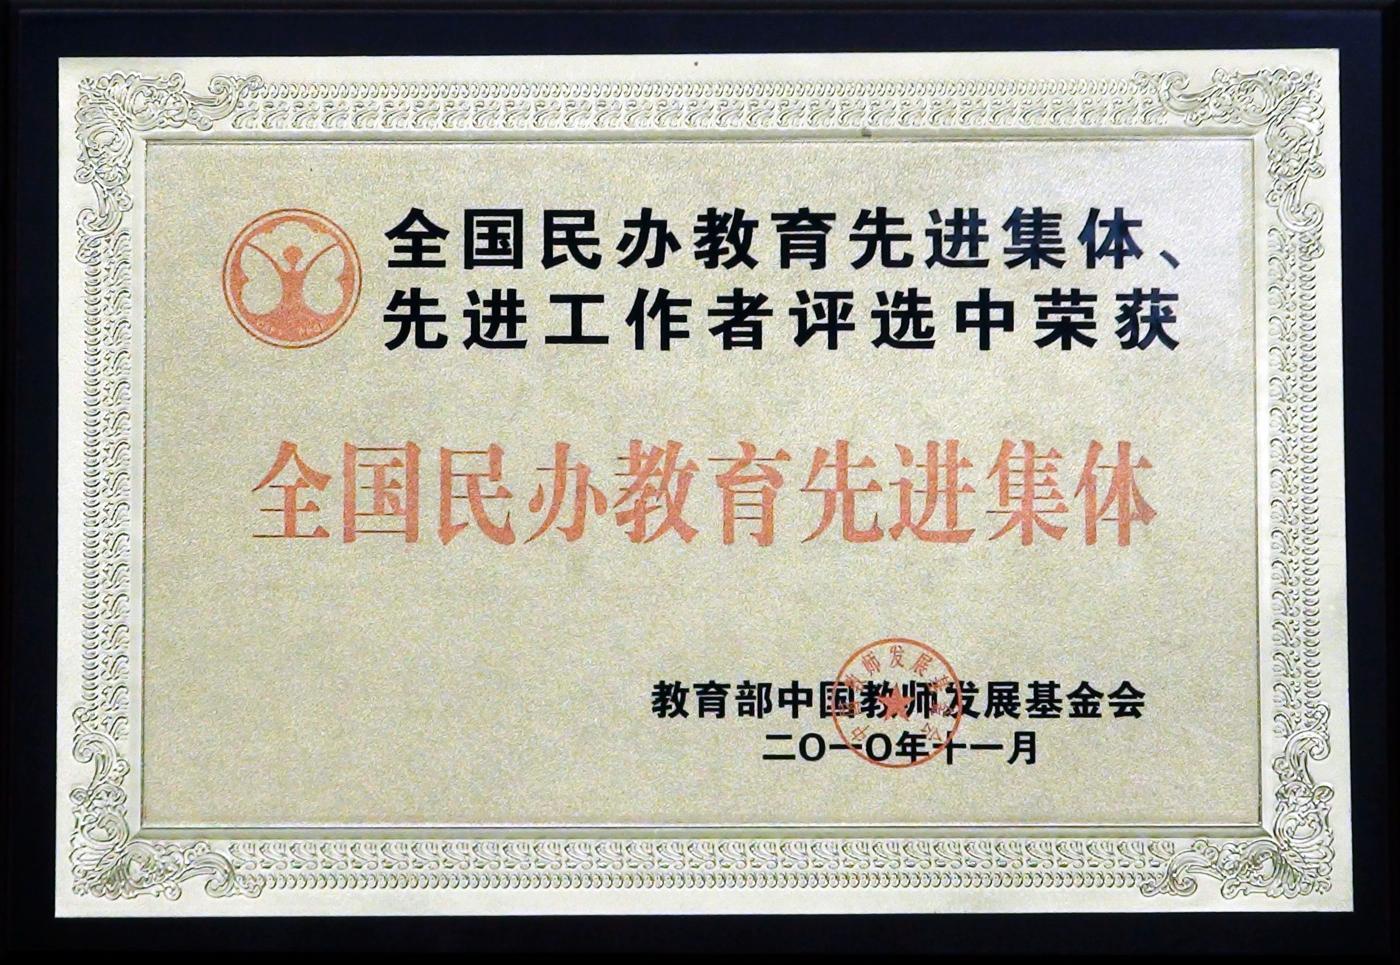 全国民办教育先进集体(牌匾)